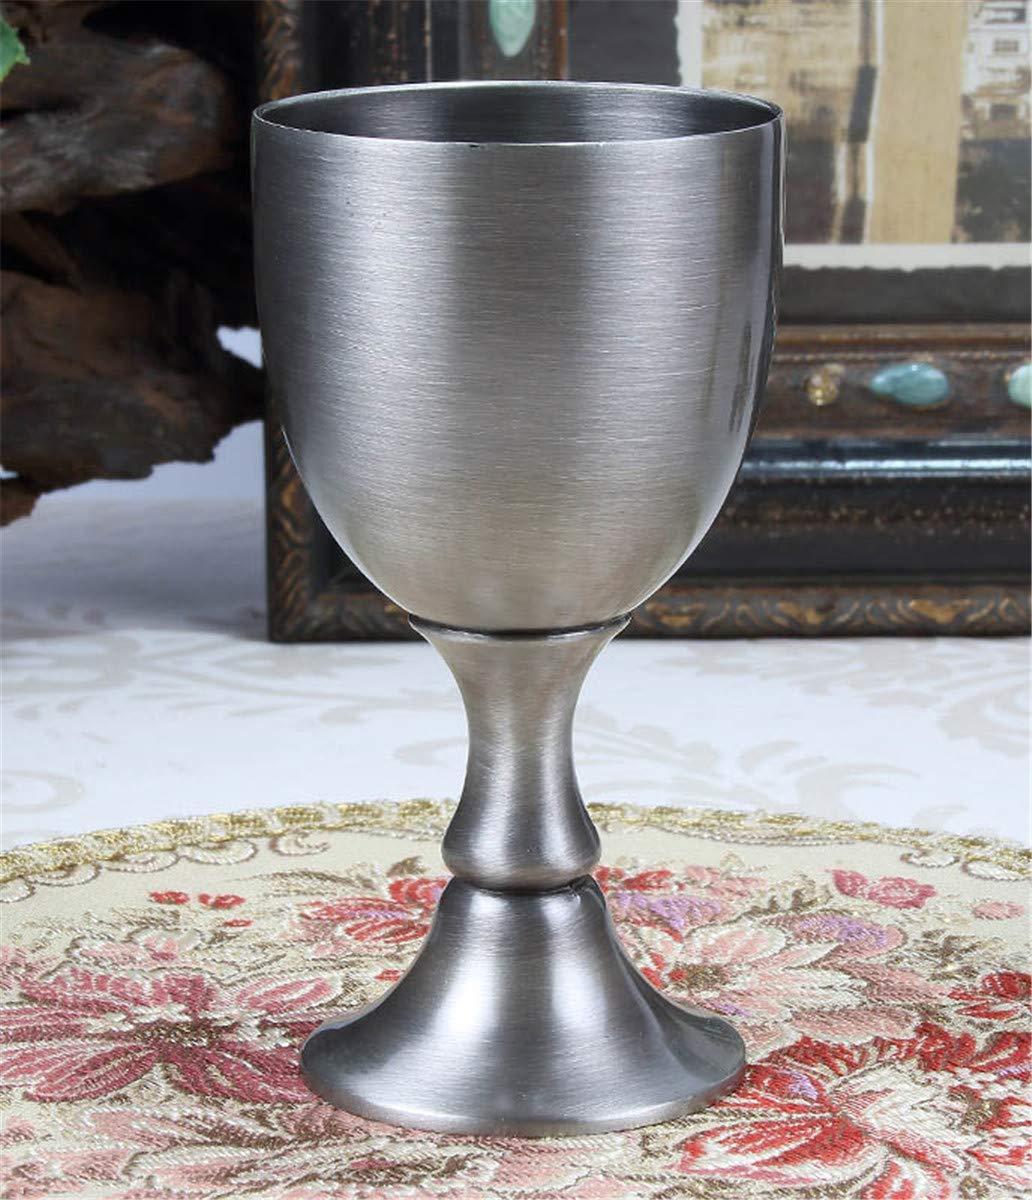 HHXWU Coupe de Verre /à vin Armoire /à vin d/écoration europ/éenne r/étro gobelet Verre de vin Rouge Verre /à vin Cadeau de vin Bronze